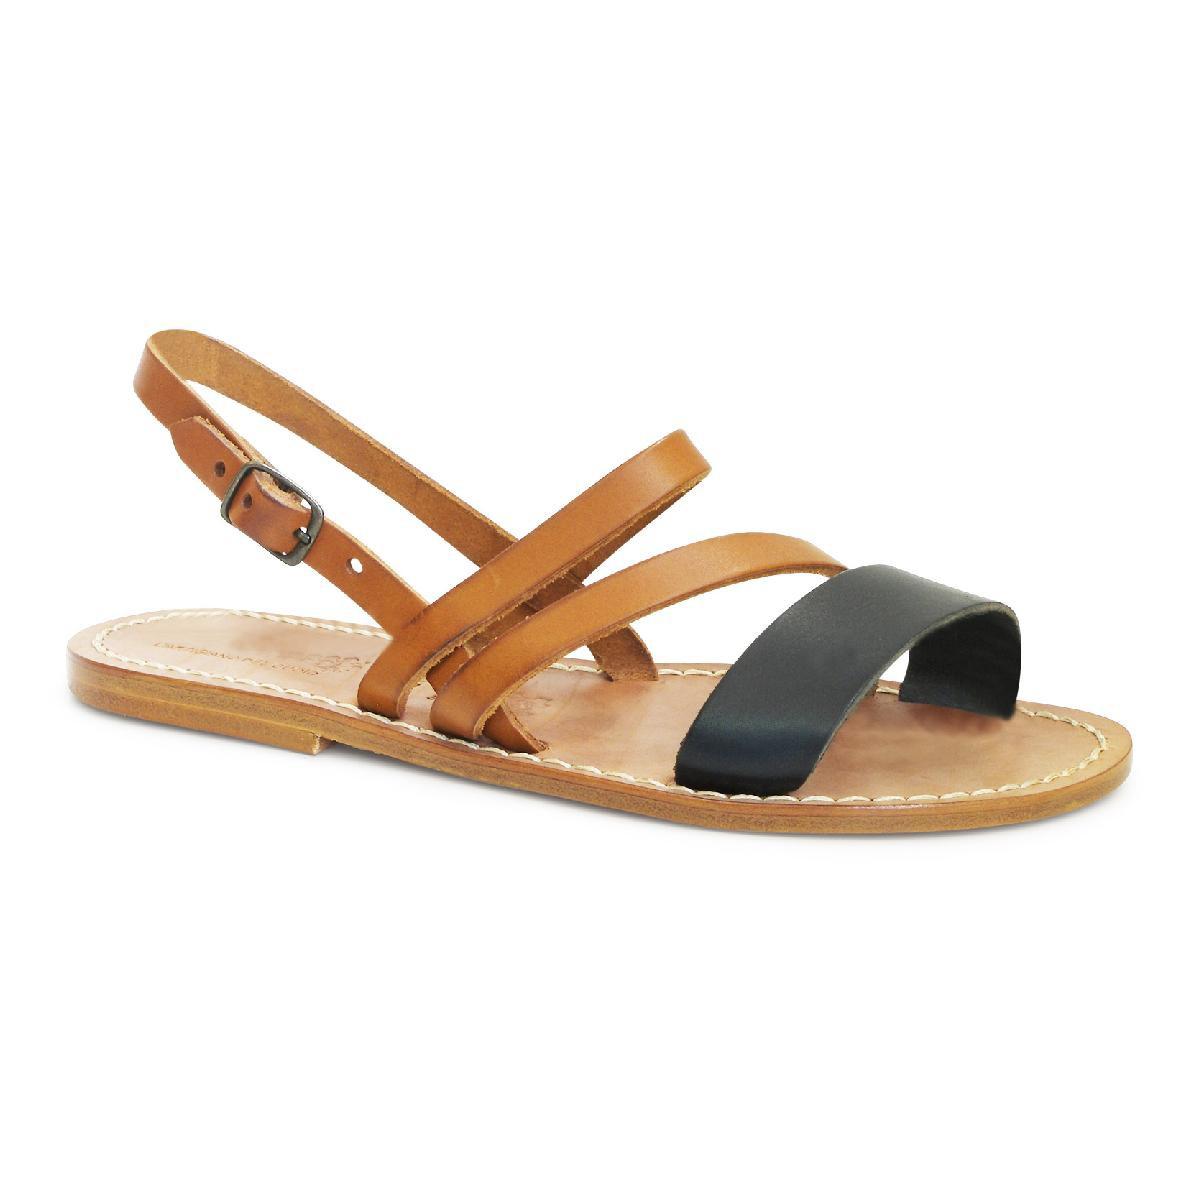 Creative   Blue Inc Woman Womens Black Diamante T Bar Strap Flat Sandals